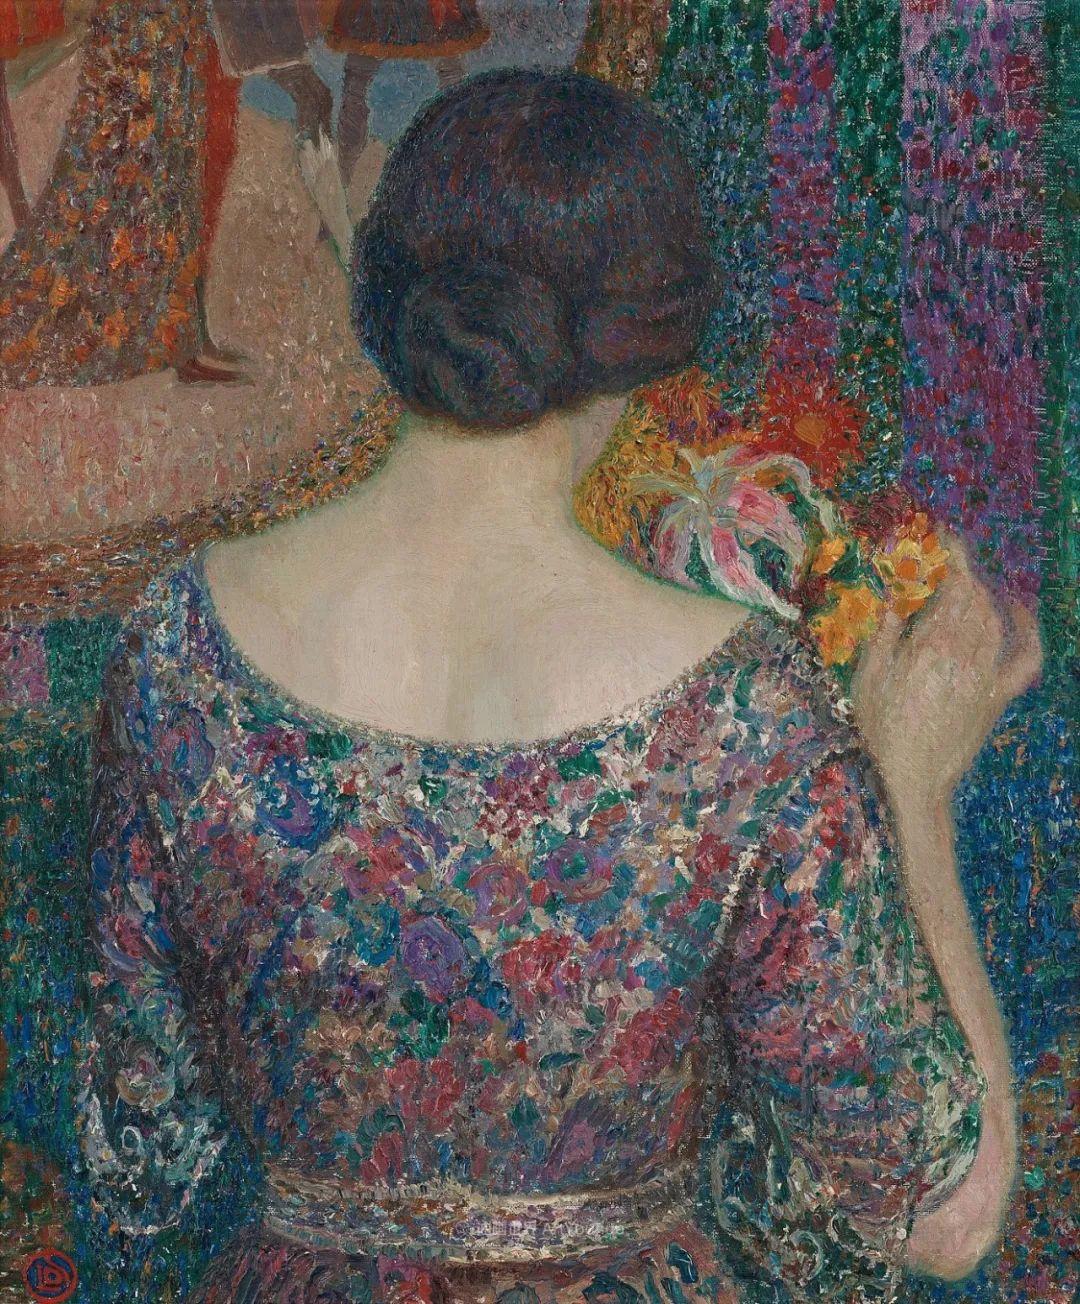 比利时画家 Léon de Smet  莱昂·德·史密特  作品欣赏插图21